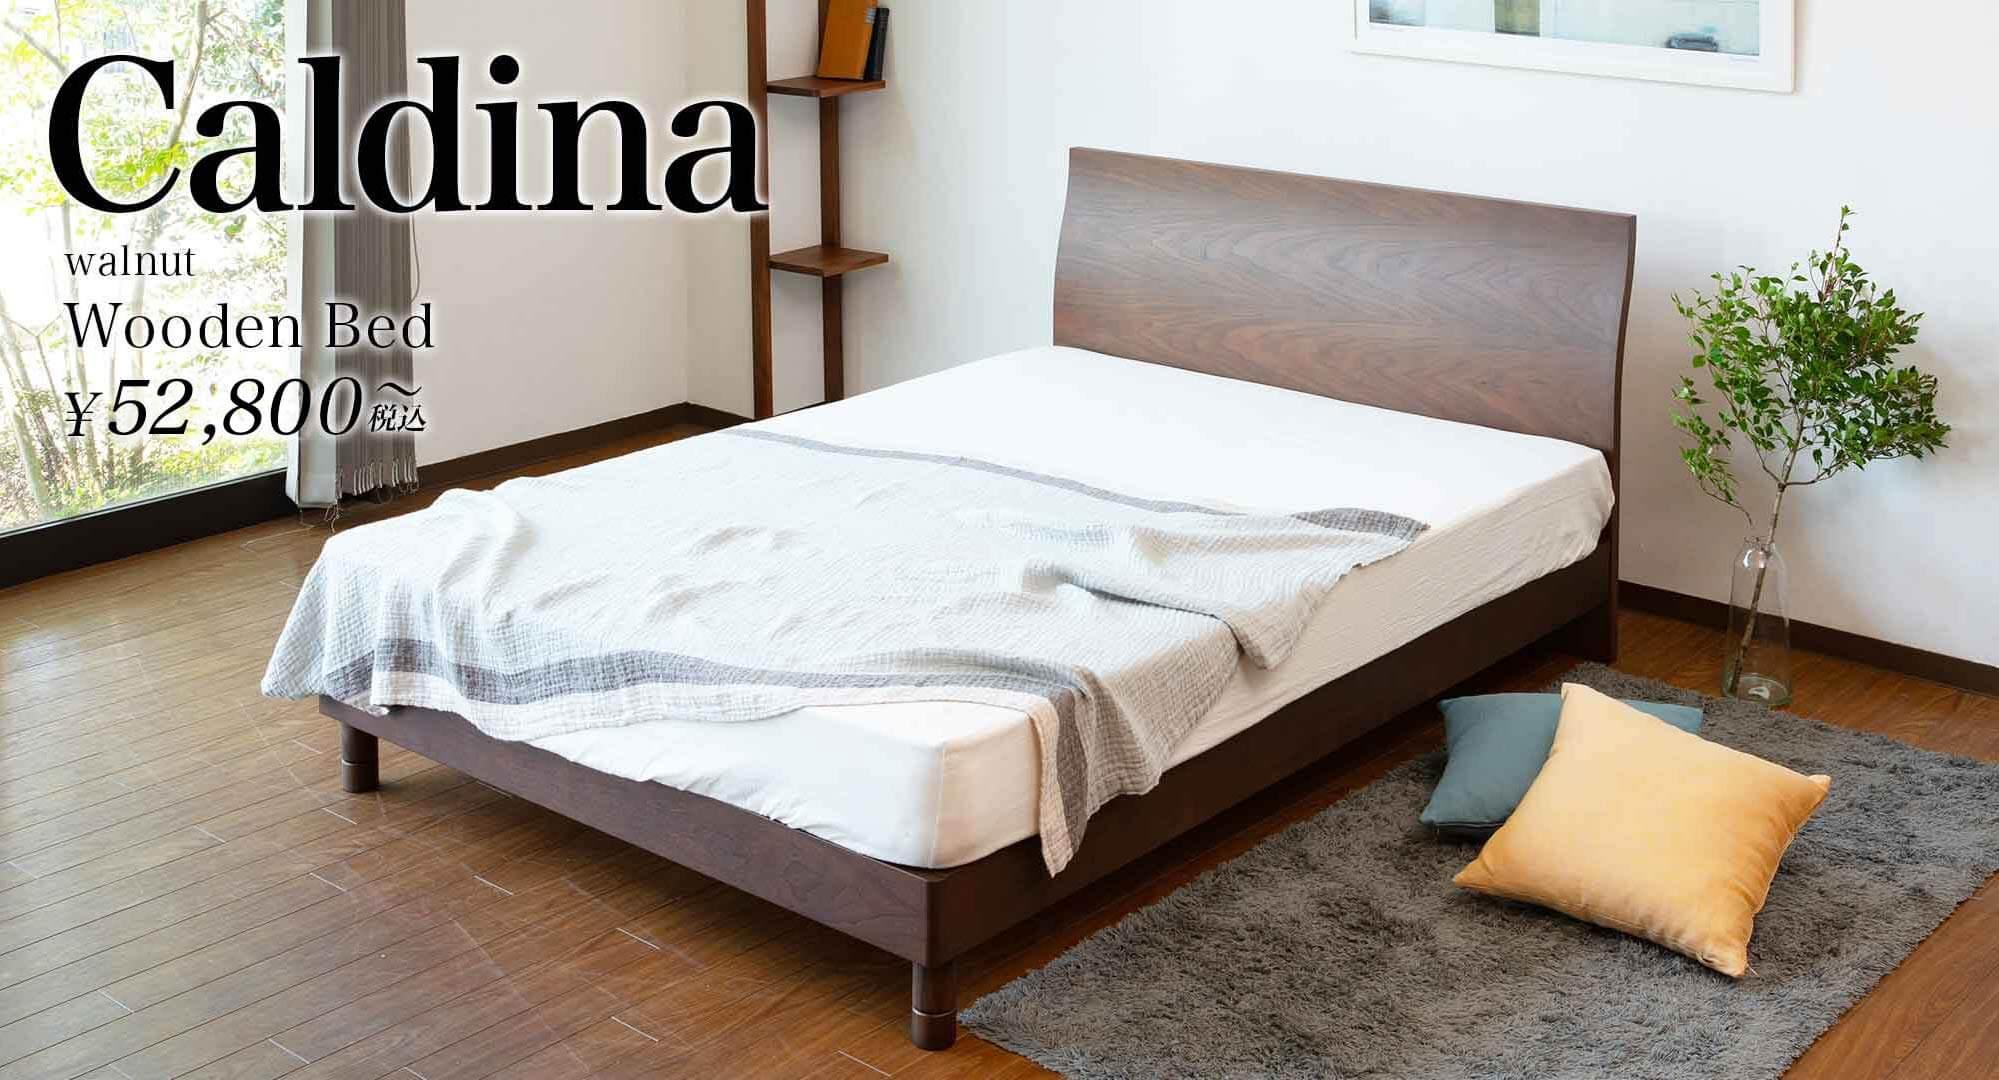 シンプルなデザインでコーディネートしやすく、ウォールナットブラウンの質感で上質な空間を演出できるベッド カルディナ ウォールナット